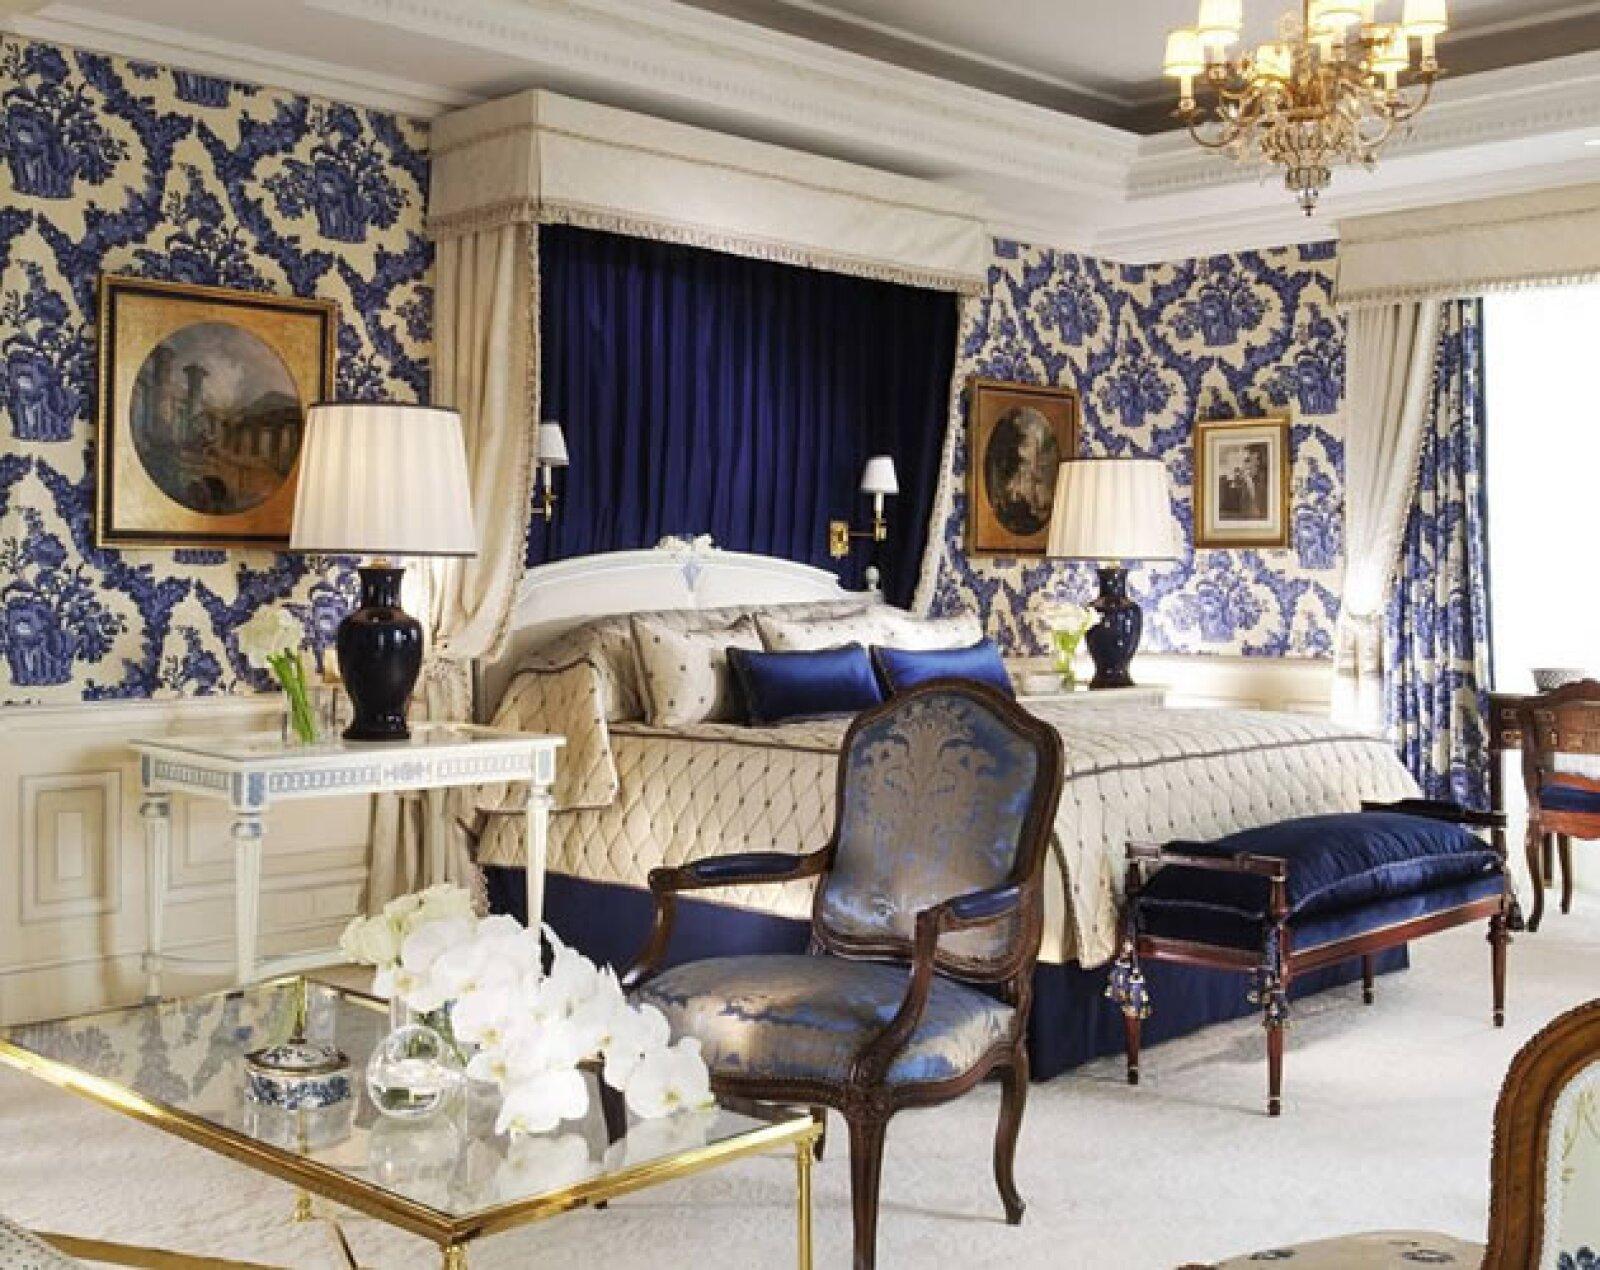 Desde 1928, este hotel ha recibido a visitantes de todo el mundo en su 244 habitaciones y sus terrazas privadas en donde se puede apreciar la belleza de París. La decoración del siglo XVIII, una he...